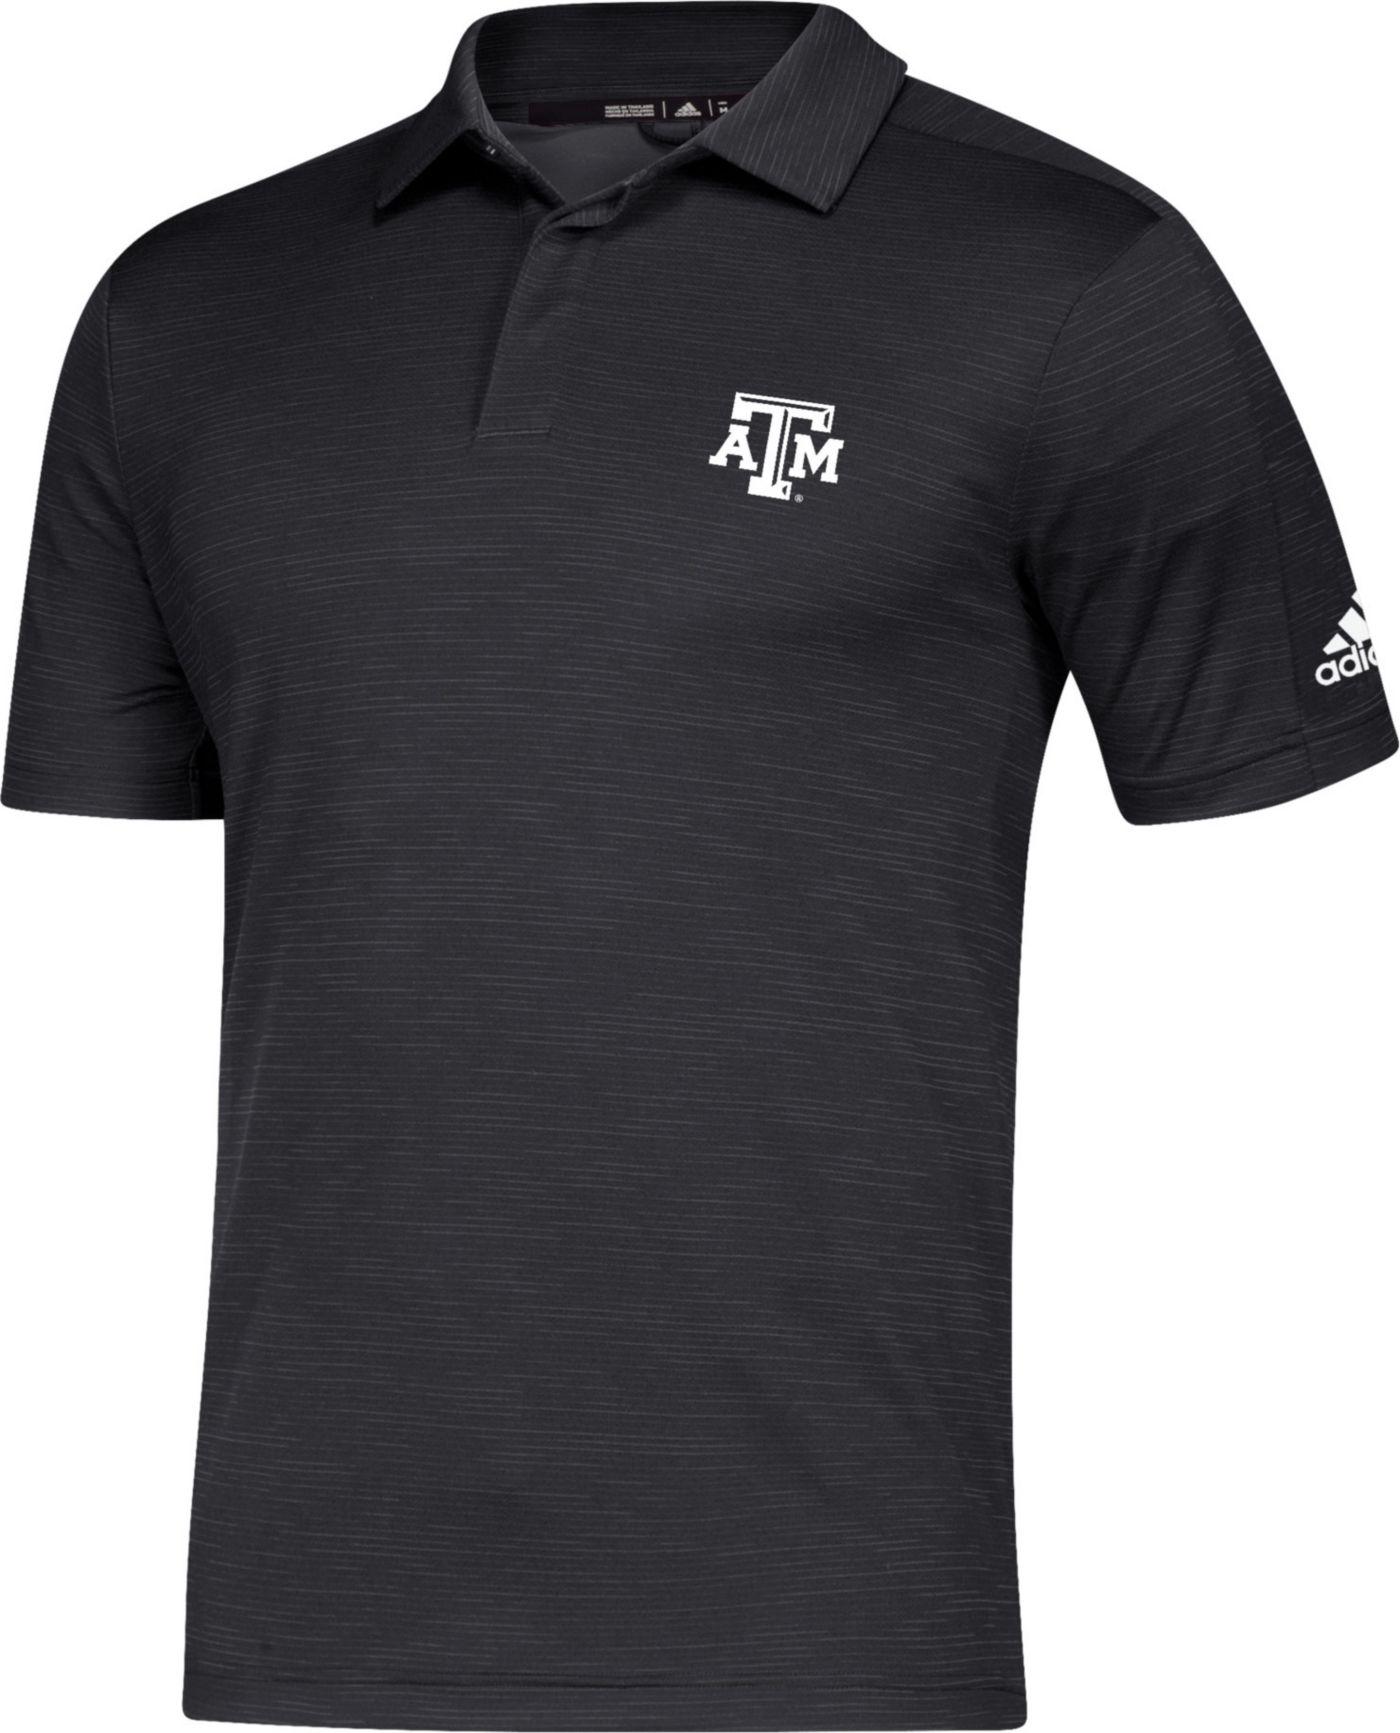 adidas Men's Texas A&M Aggies Game Mode Sideline Black Polo